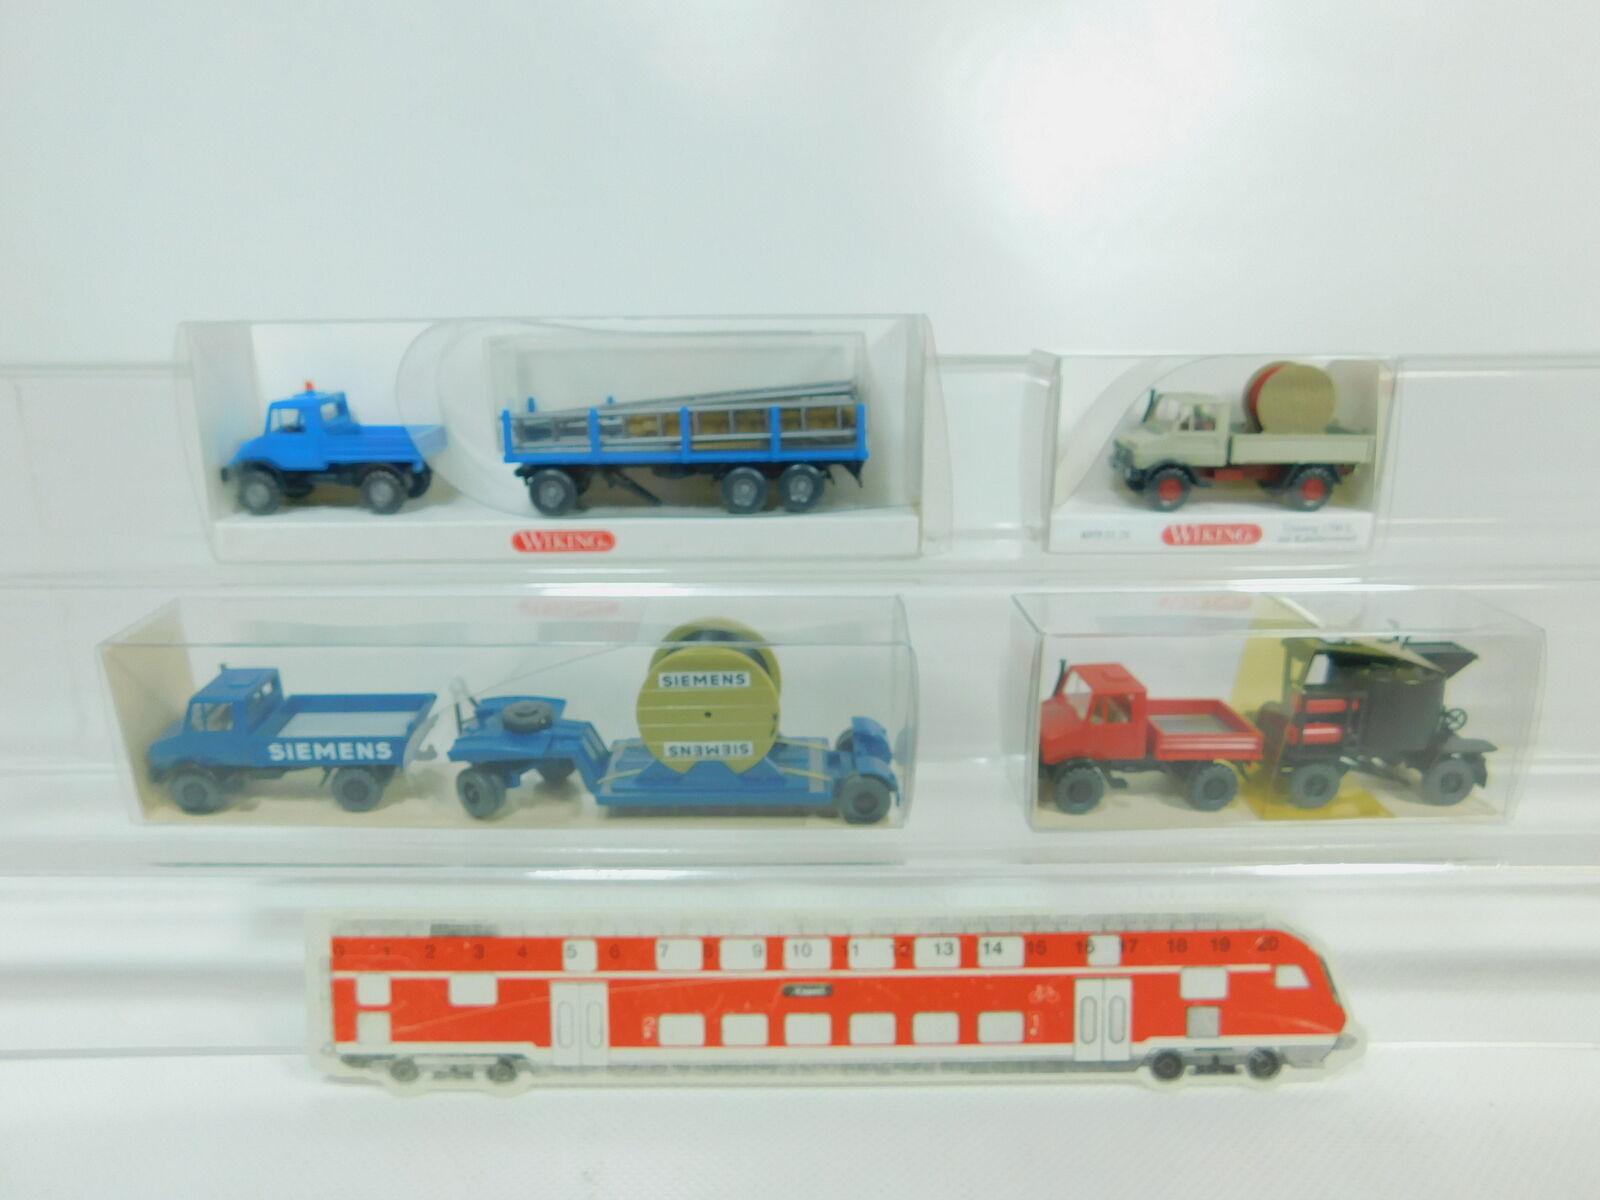 servicio considerado Bo474-0, 5  4x 4x 4x Wiking h0 1 87 Unimog  0375 + 405 + 502 1 Siemens + 392, Neuw + embalaje original  venta de ofertas